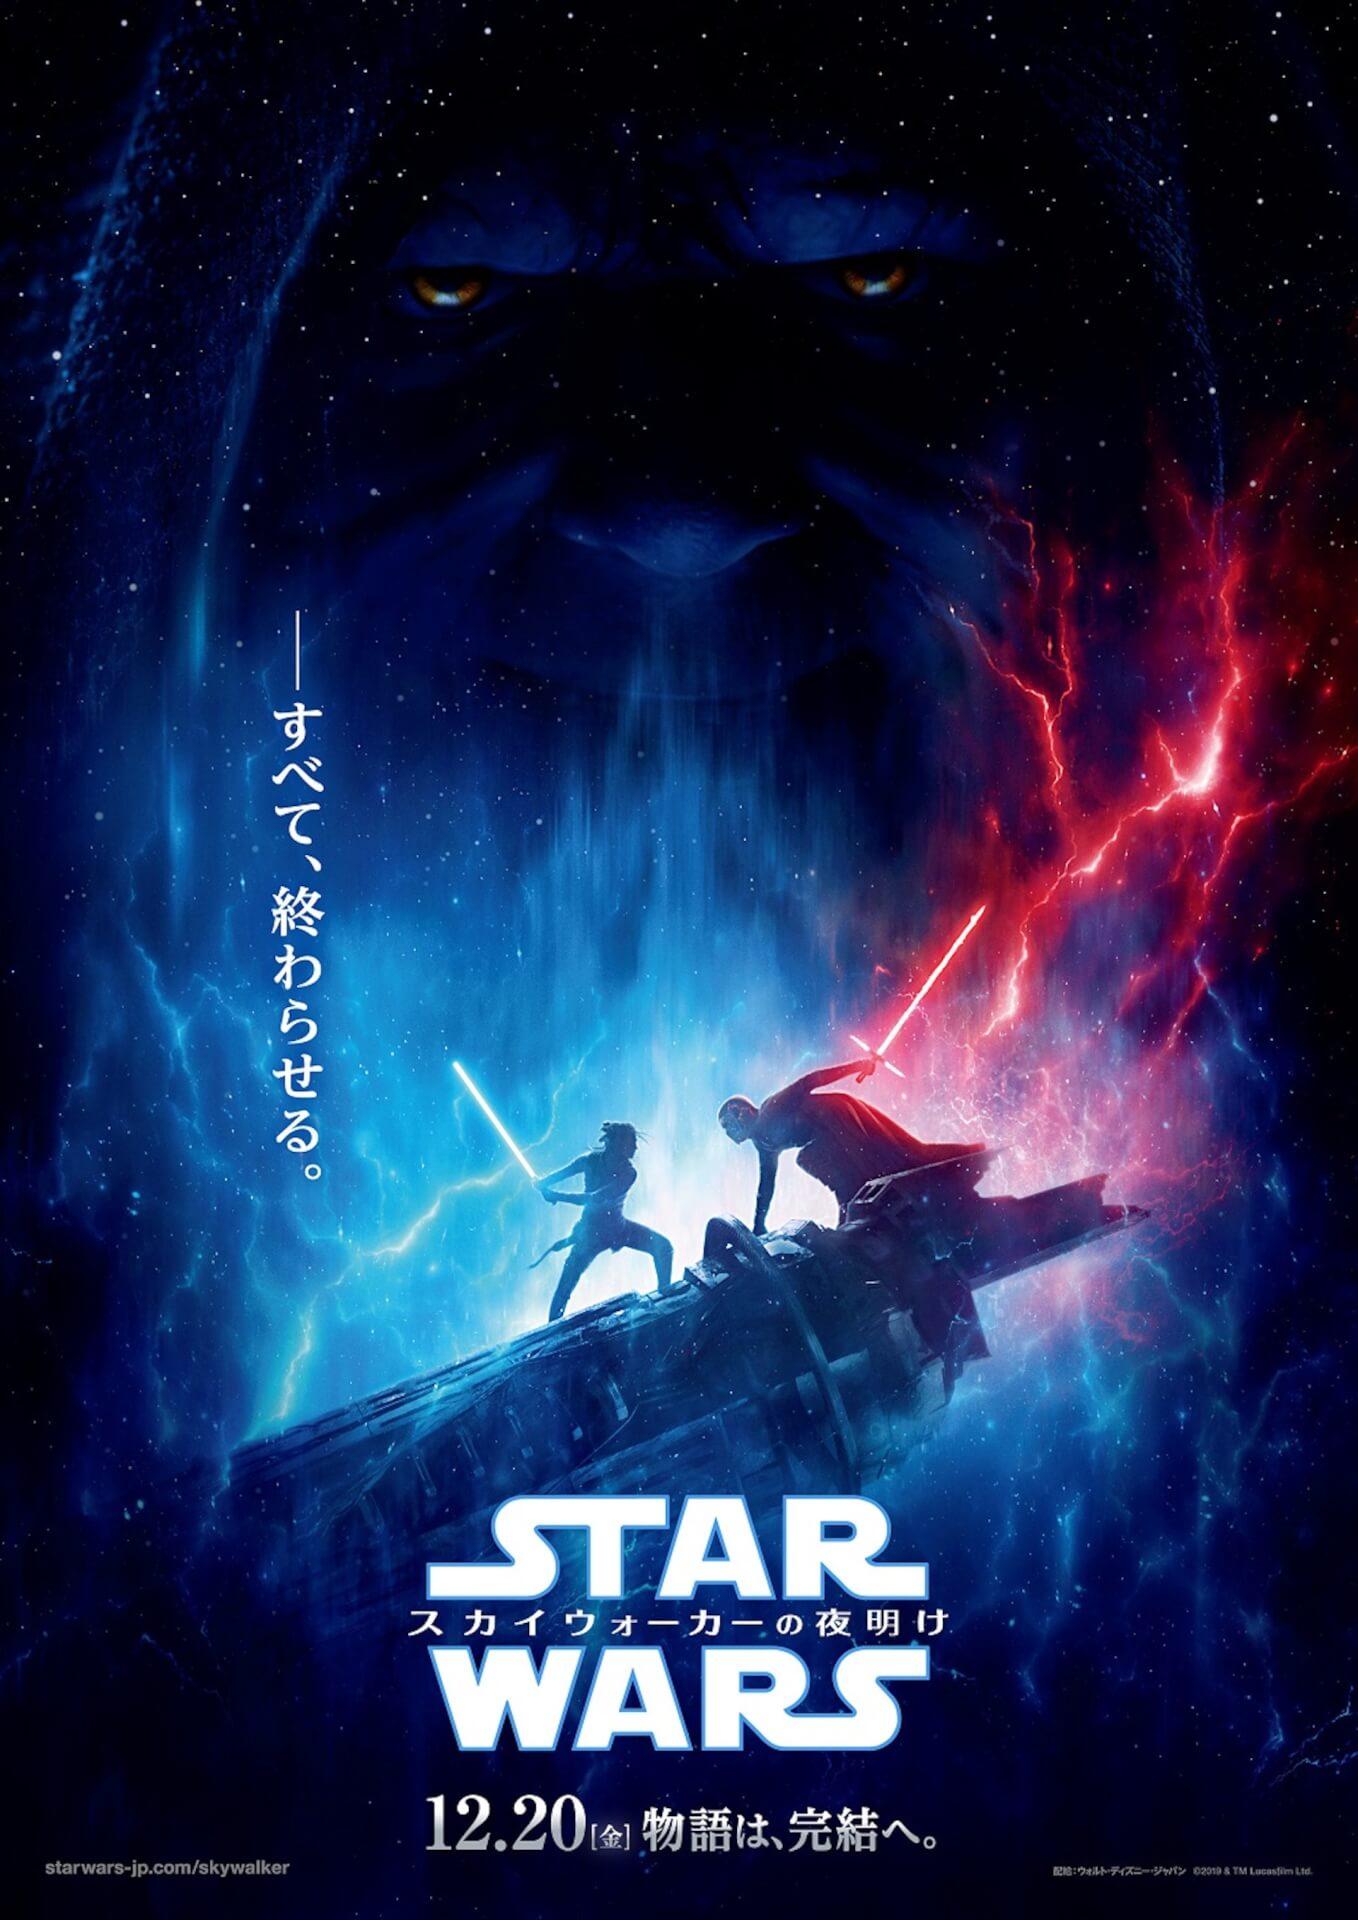 誰が「ーーすべて、終わらせる」のか......?『スター・ウォーズ/スカイウォーカーの夜明け』日本版ポスターが解禁 film190919_starwars_poster_1